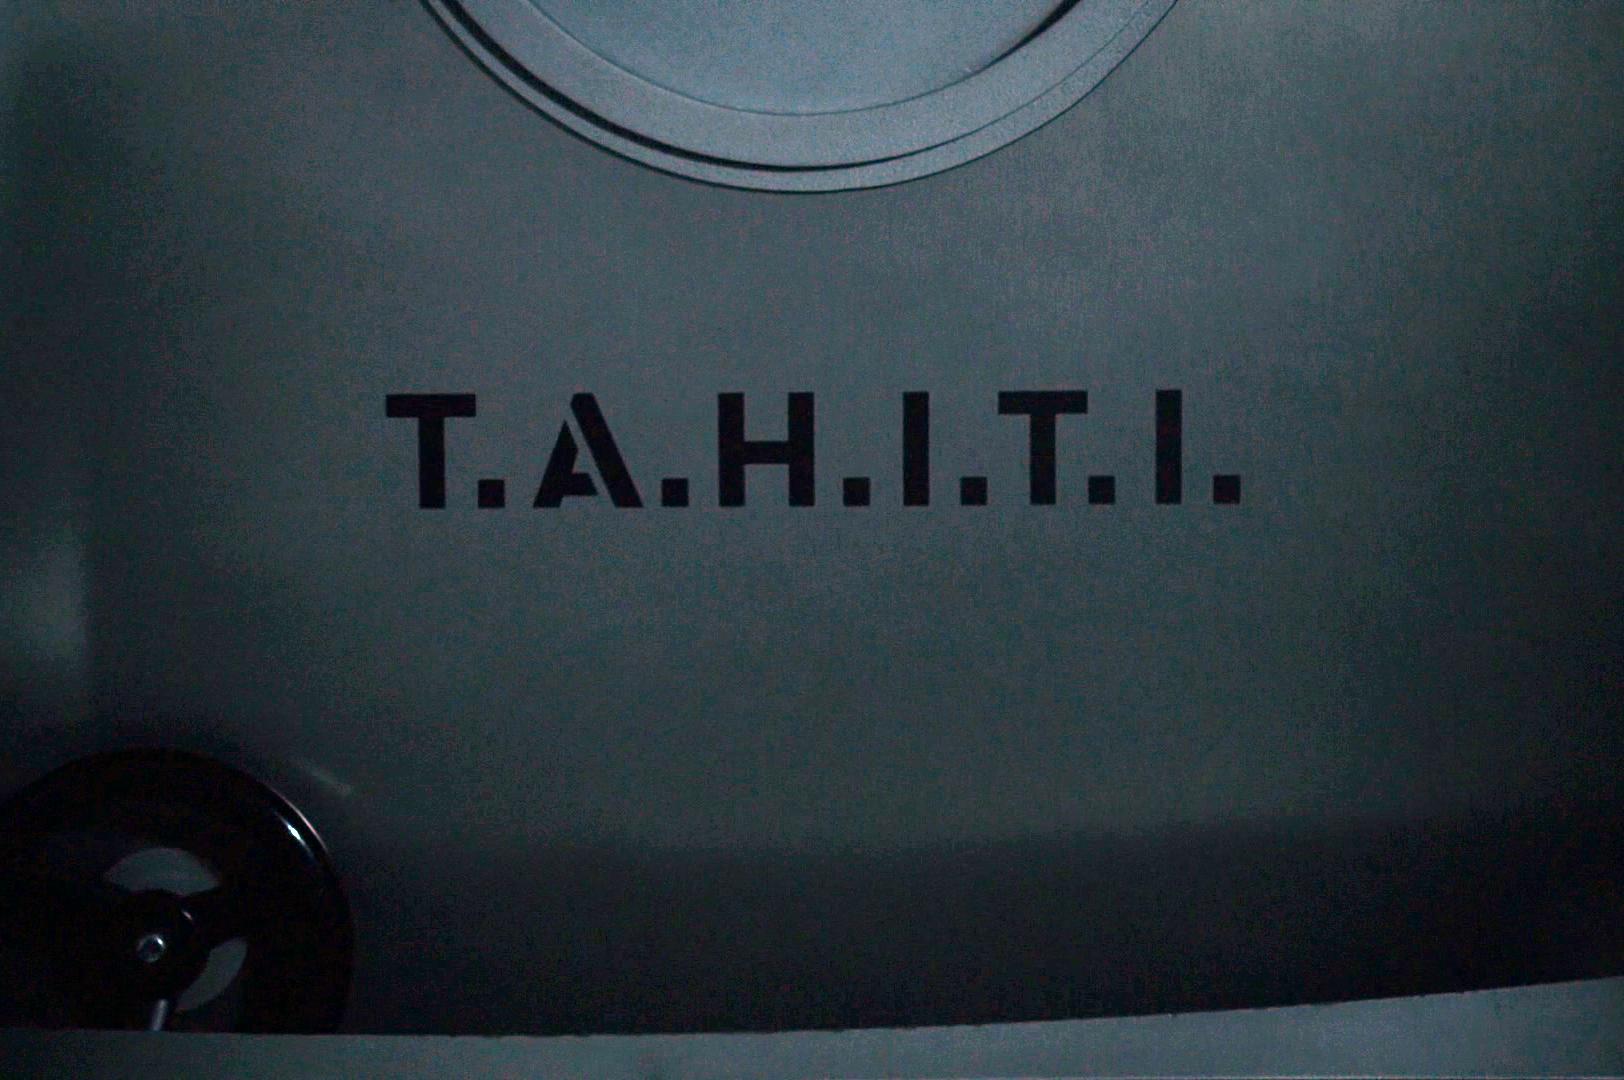 T a h i t i